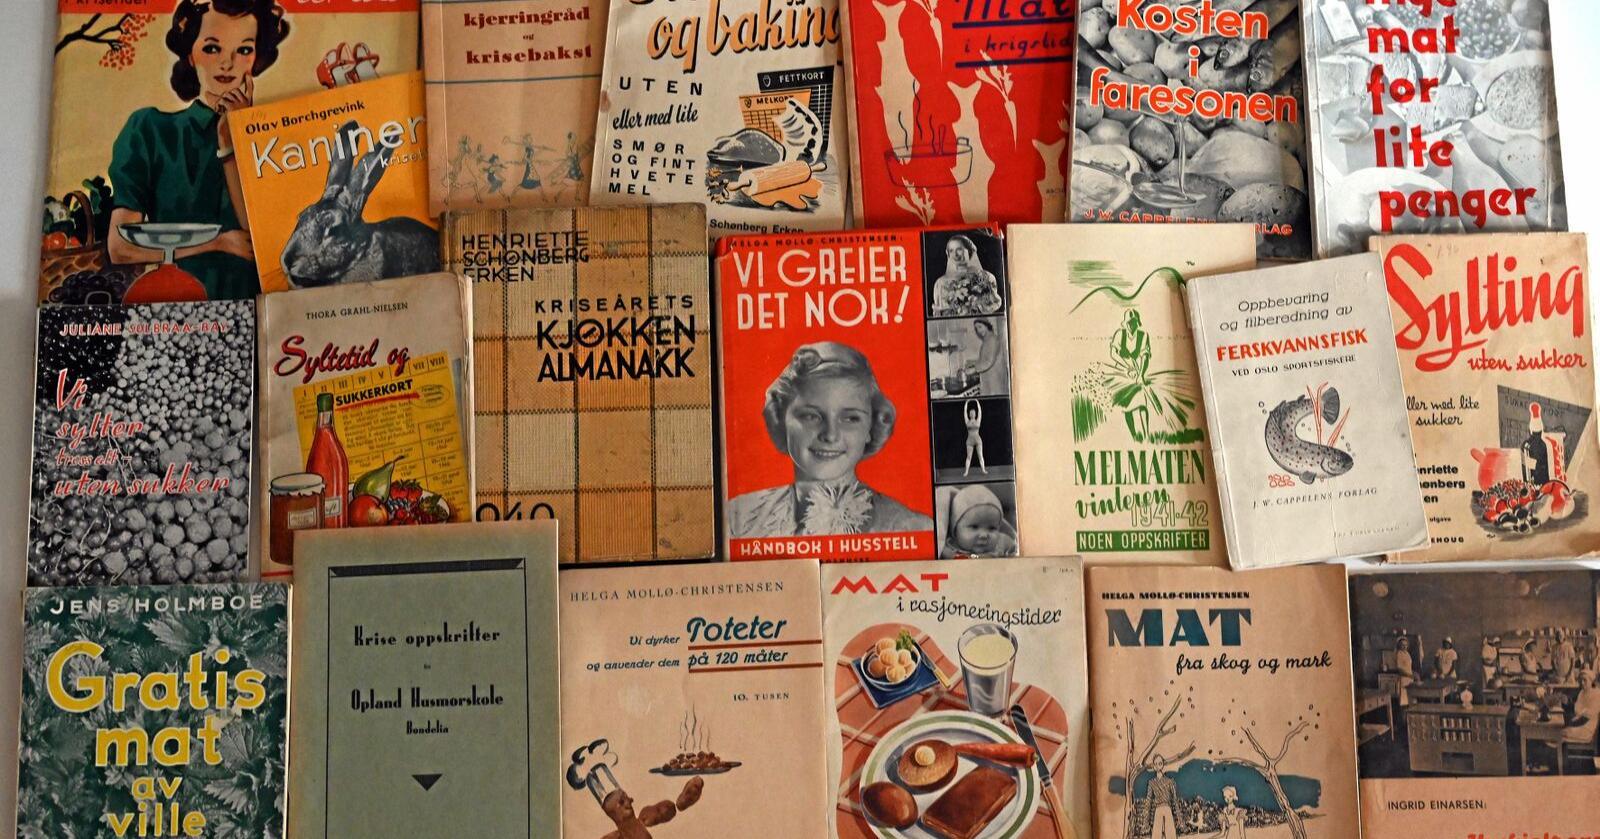 Utgått på dato? Disse litterære klenodiene fra 2. verdenskrig kan fortelle oss ganske mye om hvordan livet artet seg her i landet sist det var harde tider, mener redaktøren i Mat fra Norge. Foto: Per A. Borglund